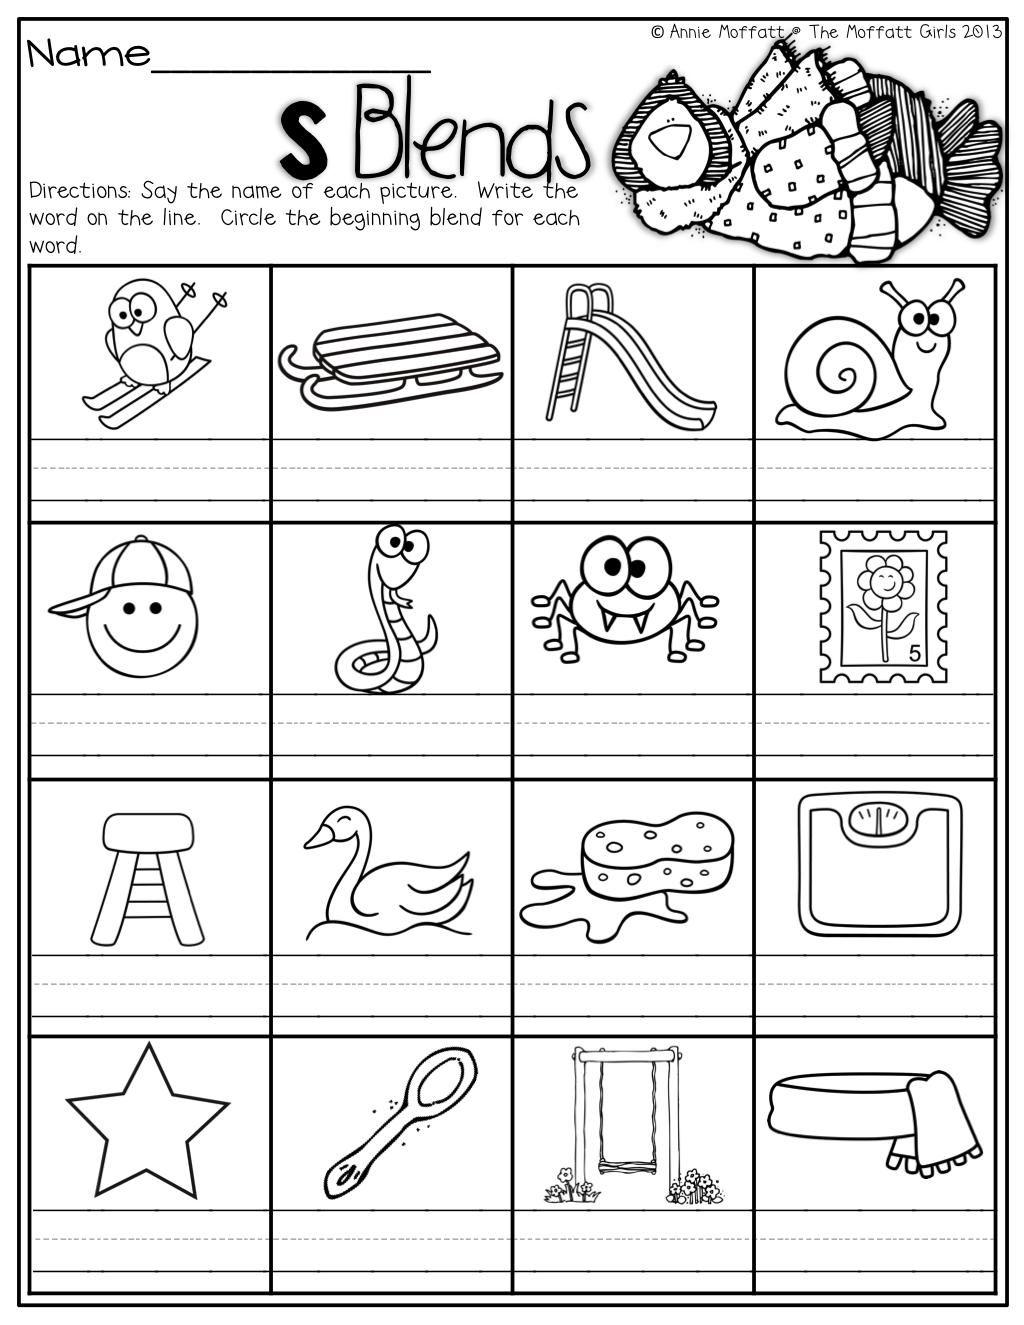 hight resolution of 16 Printable Worksheets Blending Sounds   Blends worksheets